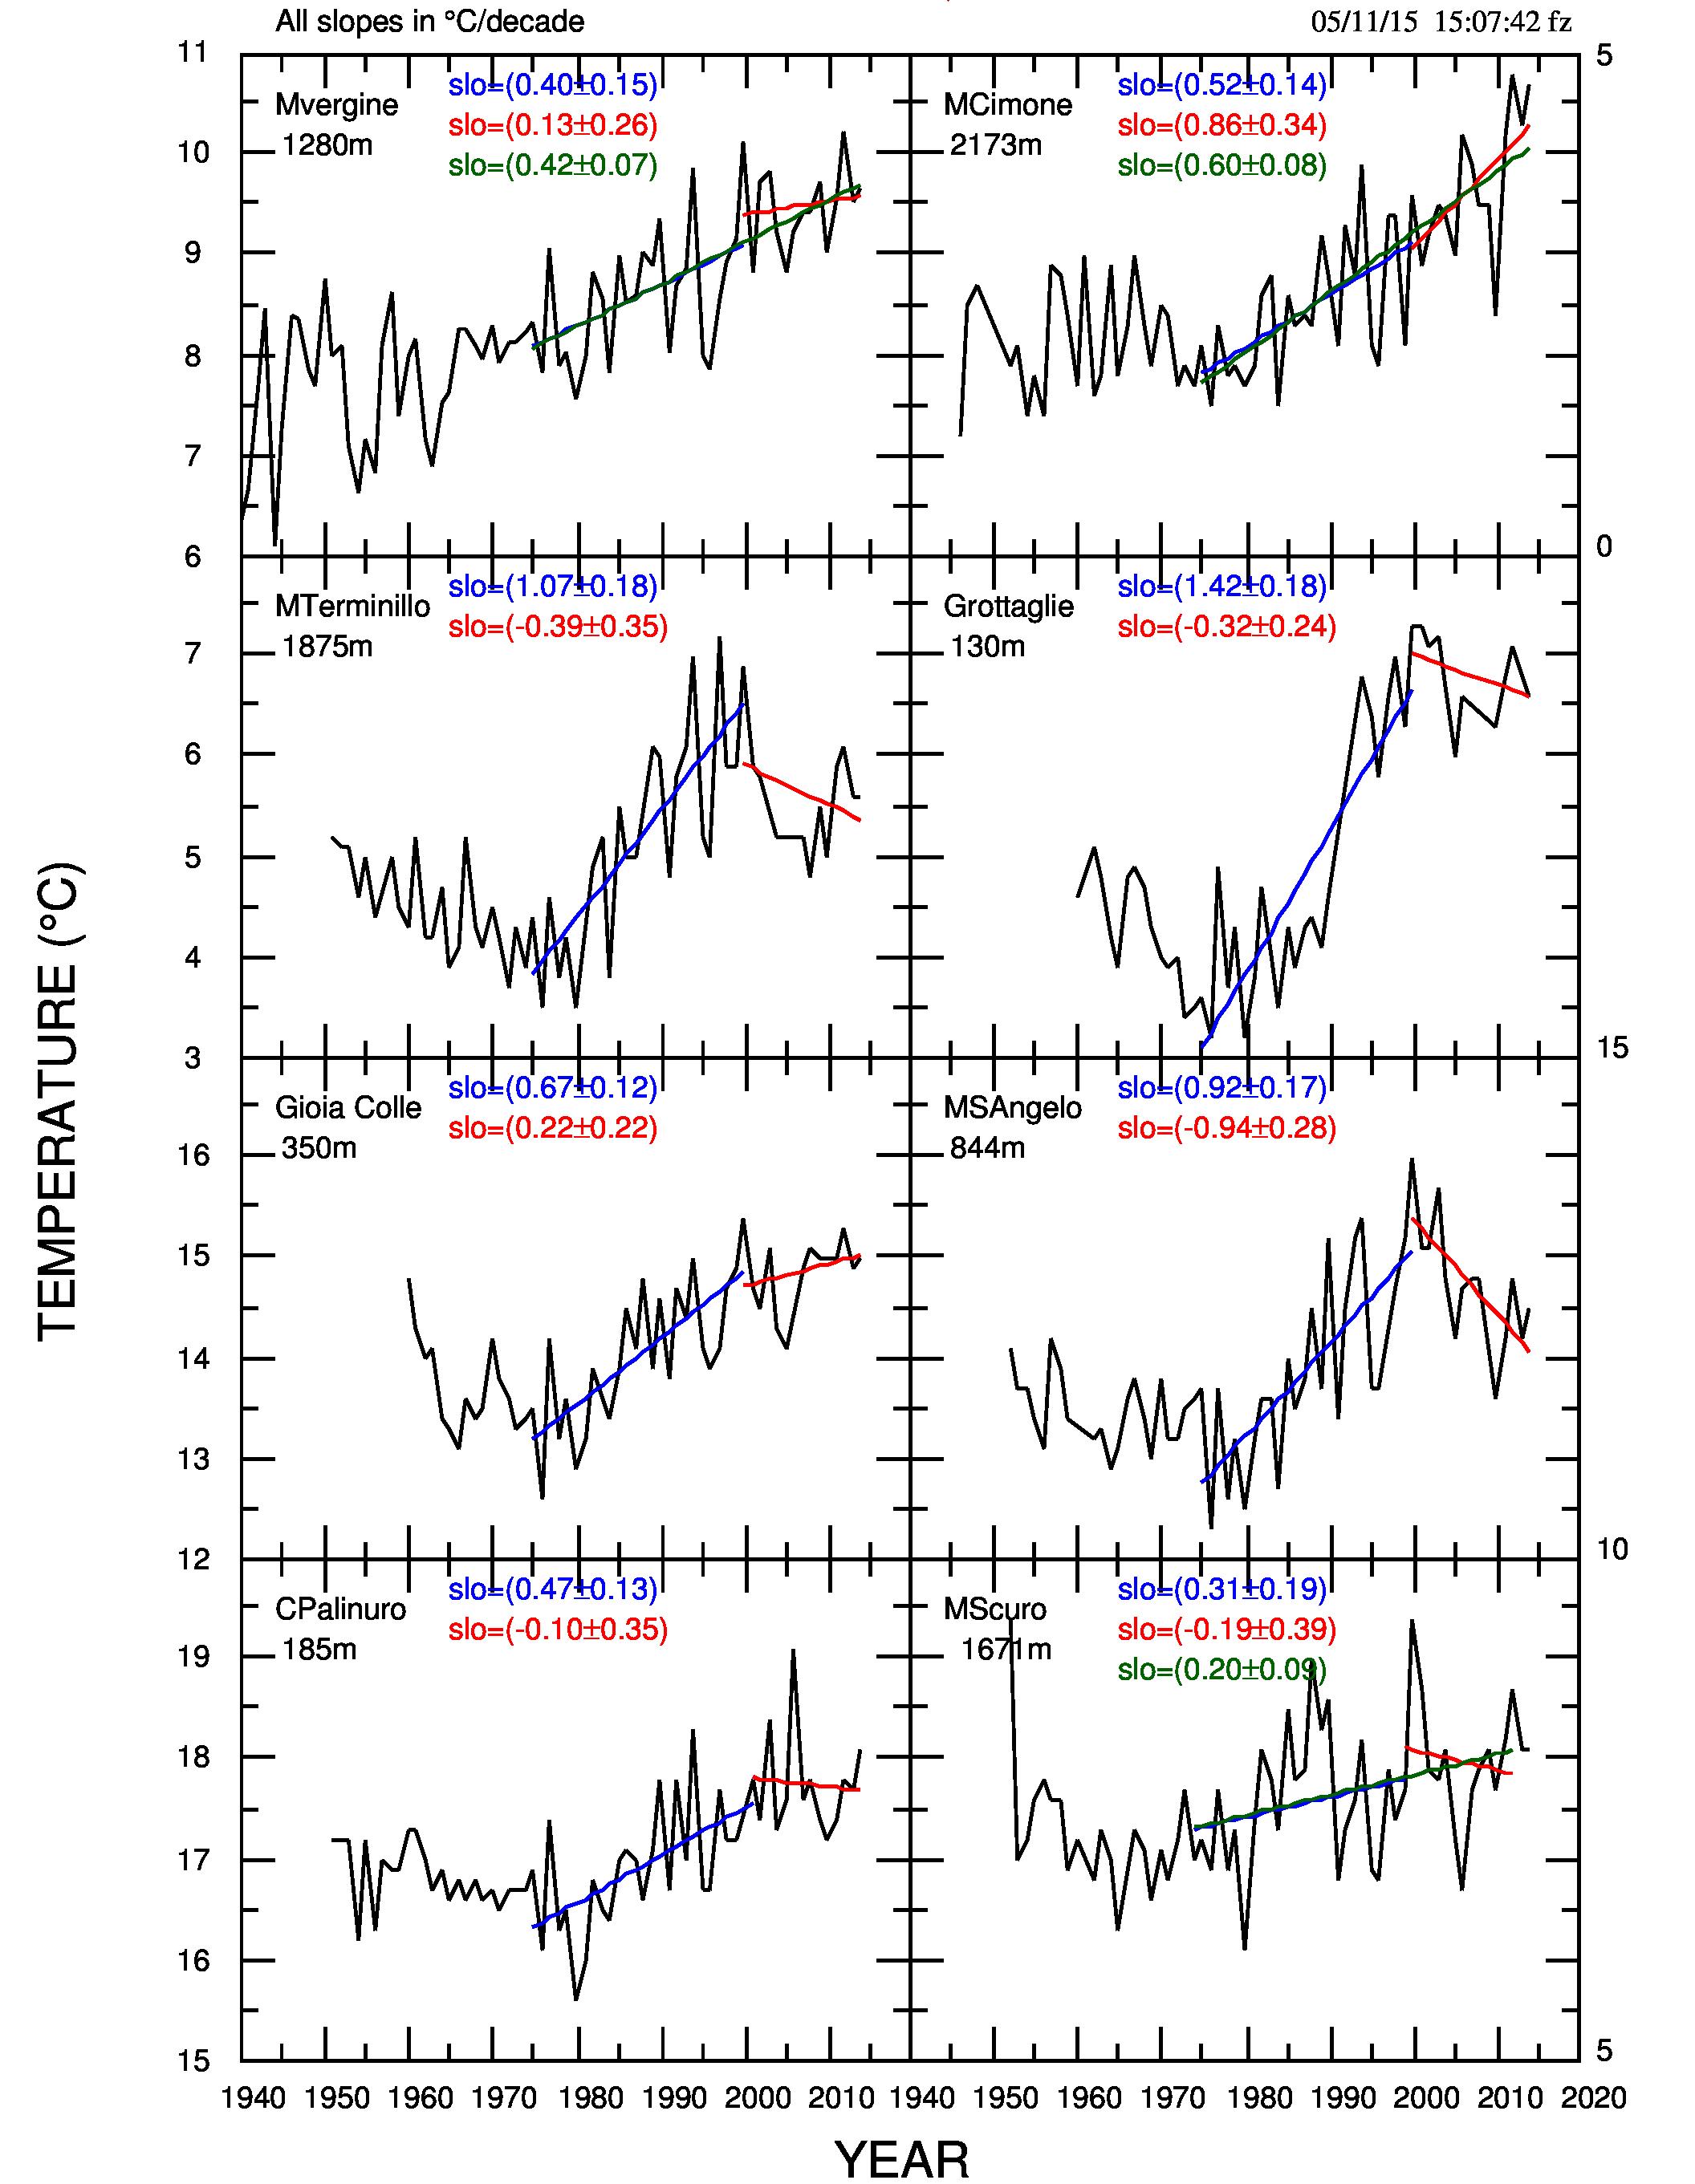 """Fig.1. Temperature medie annuali per le 8 stazioni del campione. Sono riportate anche le pendenze delle sezioni 1975-2000 e 2000-2014. Se la pausa non è presente, alle pendenze dei due tratti si aggiunge quella del tratto complessivo 1975-2014 e la retta interpolante (in verde). L'abbreviazione """"slo"""" sta per slope, pendenza. I numeri sulla parte destra del grafico sono le temperature iniziali delle serie di destra la cui scala è uguale a quella di sinistra."""